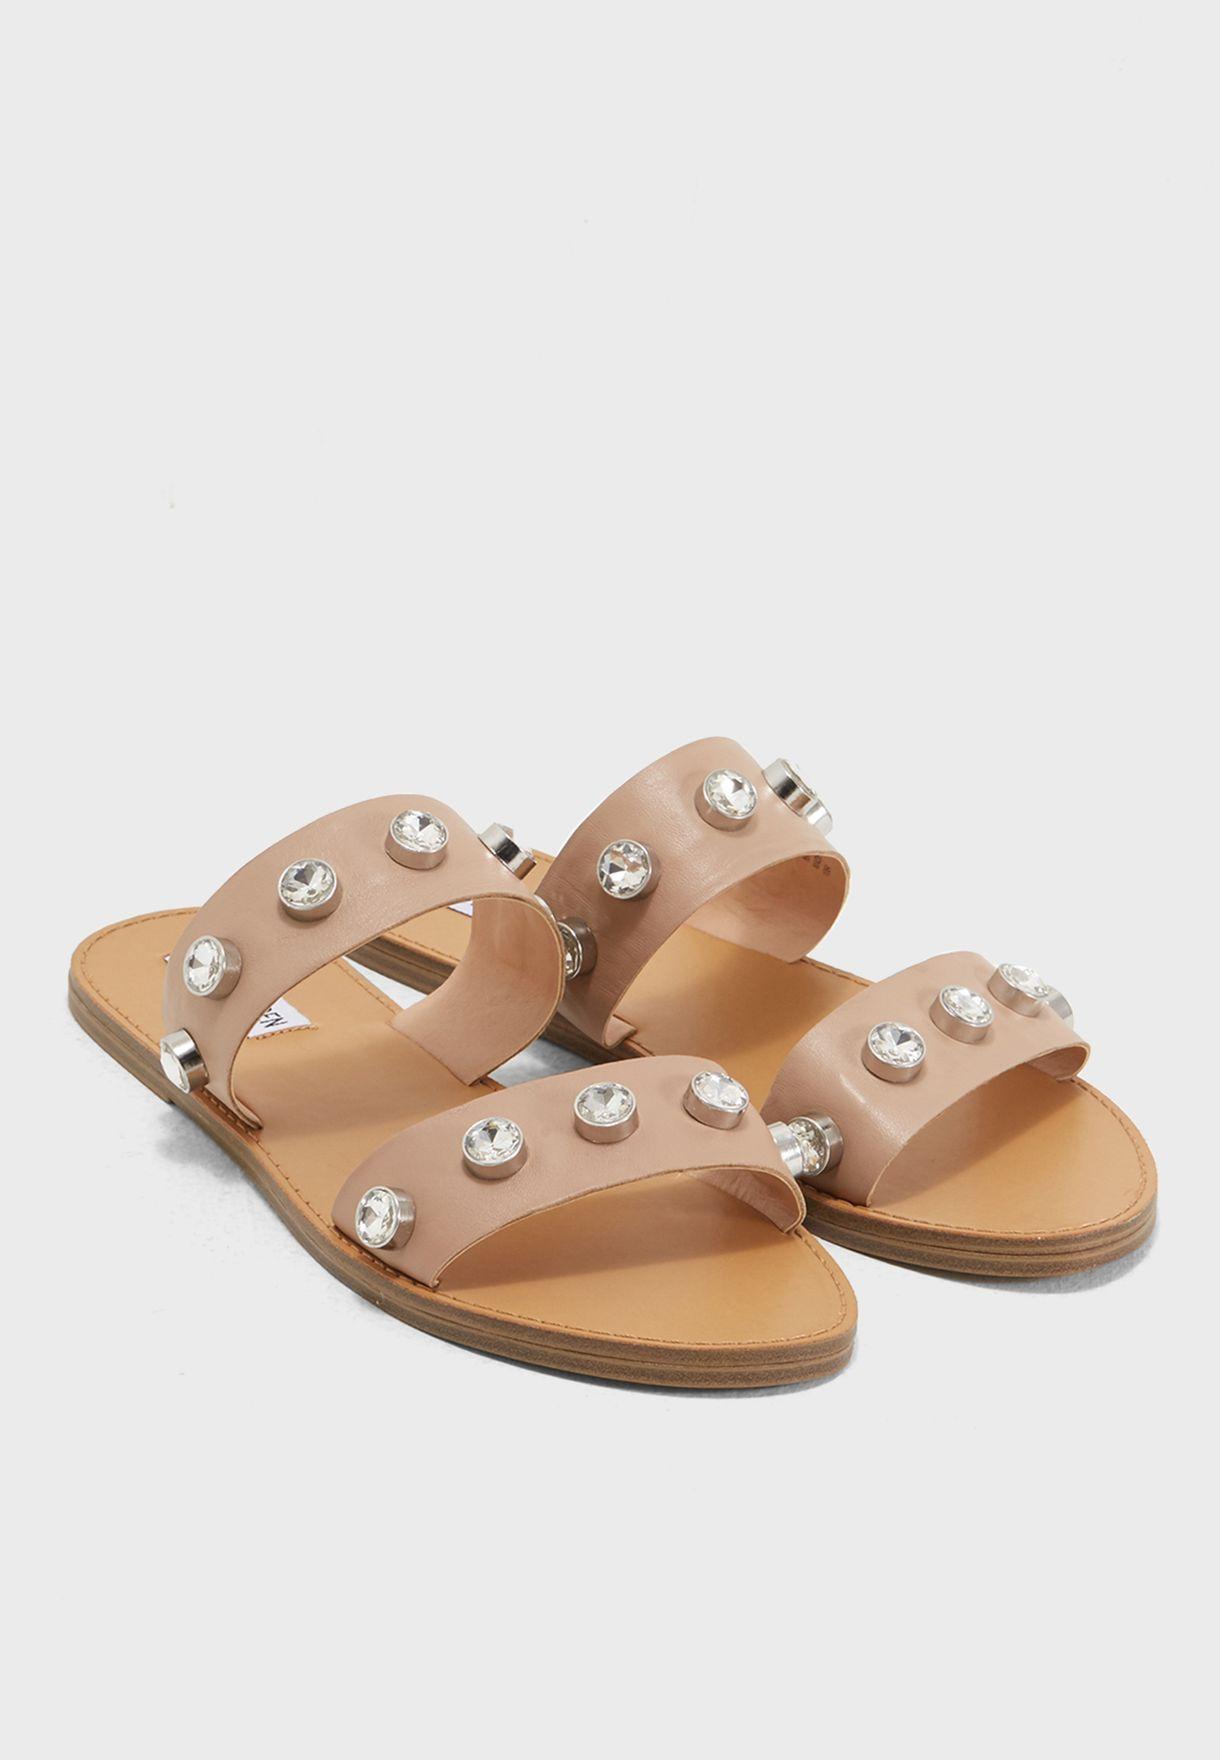 a0c4df75b626 Shop Steve Madden beige Jessy Flat Sandals JESSY for Women in UAE ...